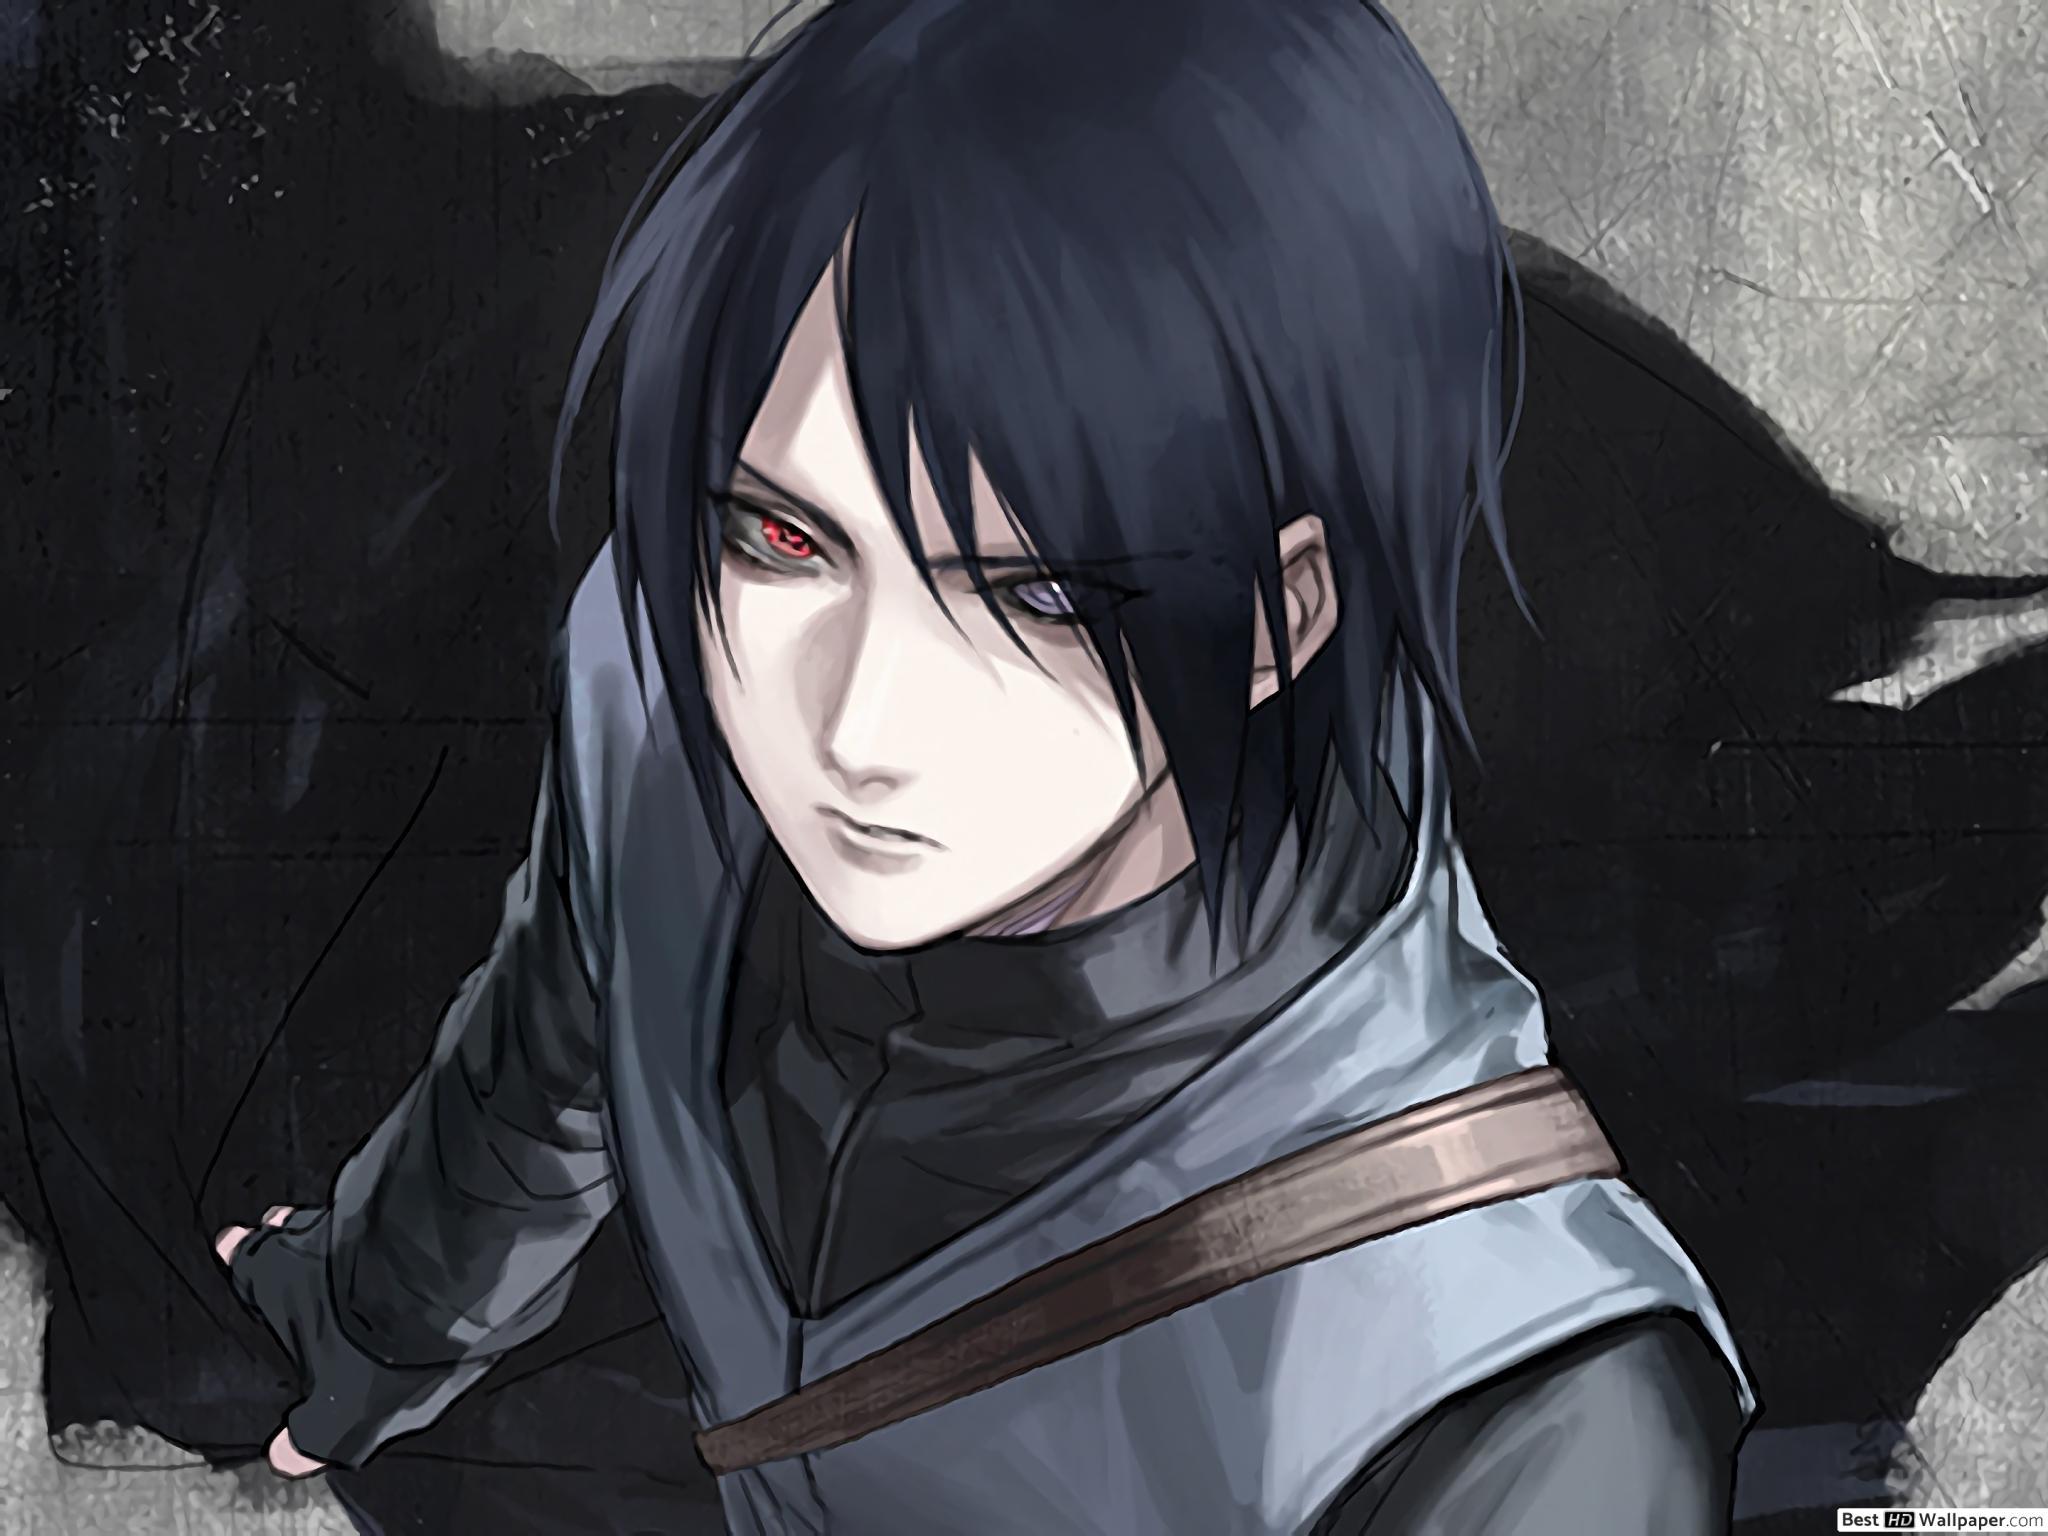 Sasuke Uchiha Rinnegan Wallpaper Hd - HD Wallpaper